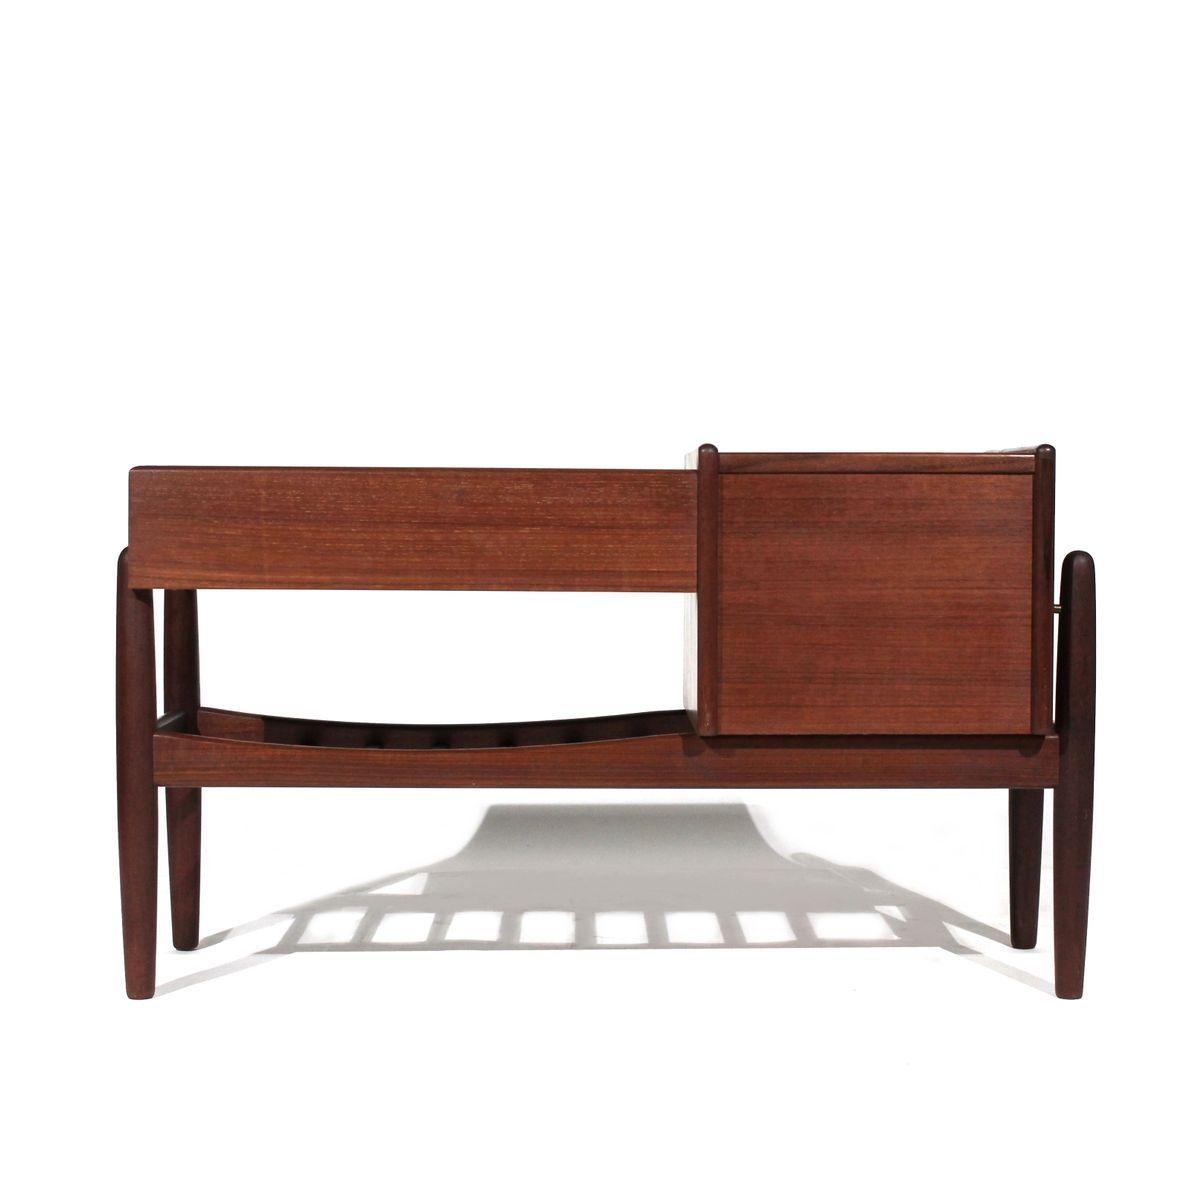 Danish Teak Sideboard By Arne Wahl Iversen For Vinde